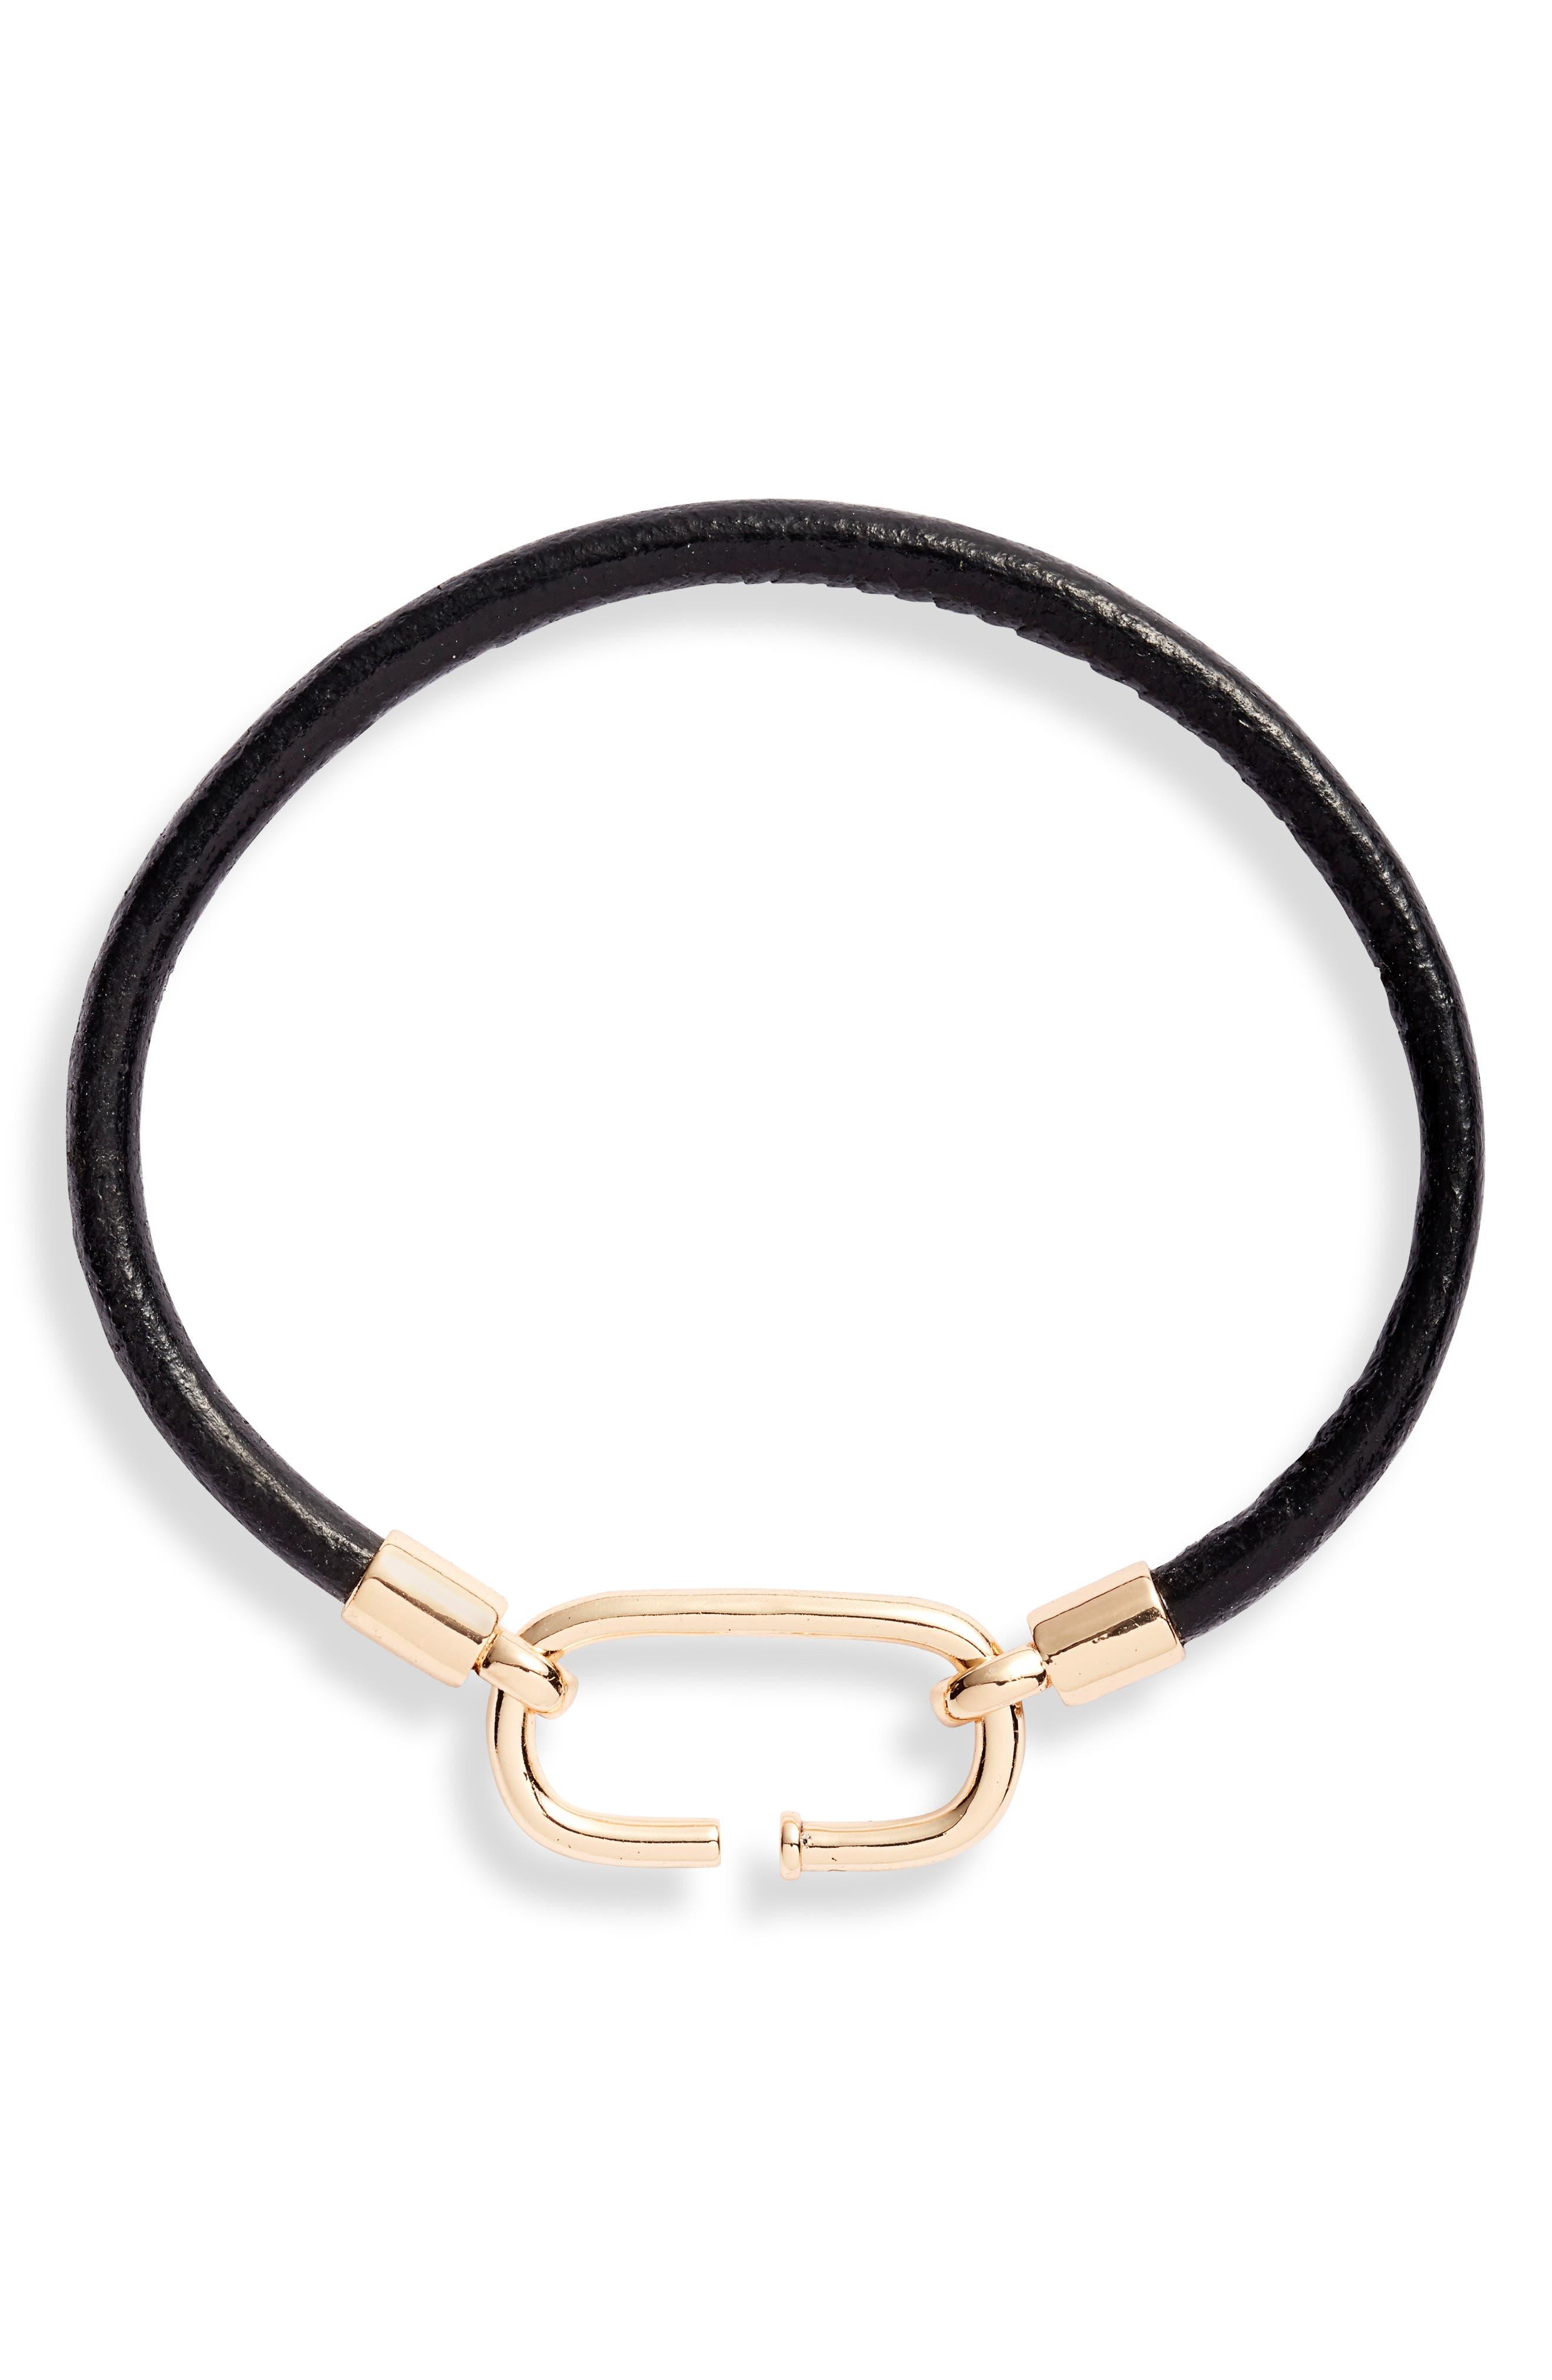 Carabiner Leather Bracelet, Main, color, BLACK